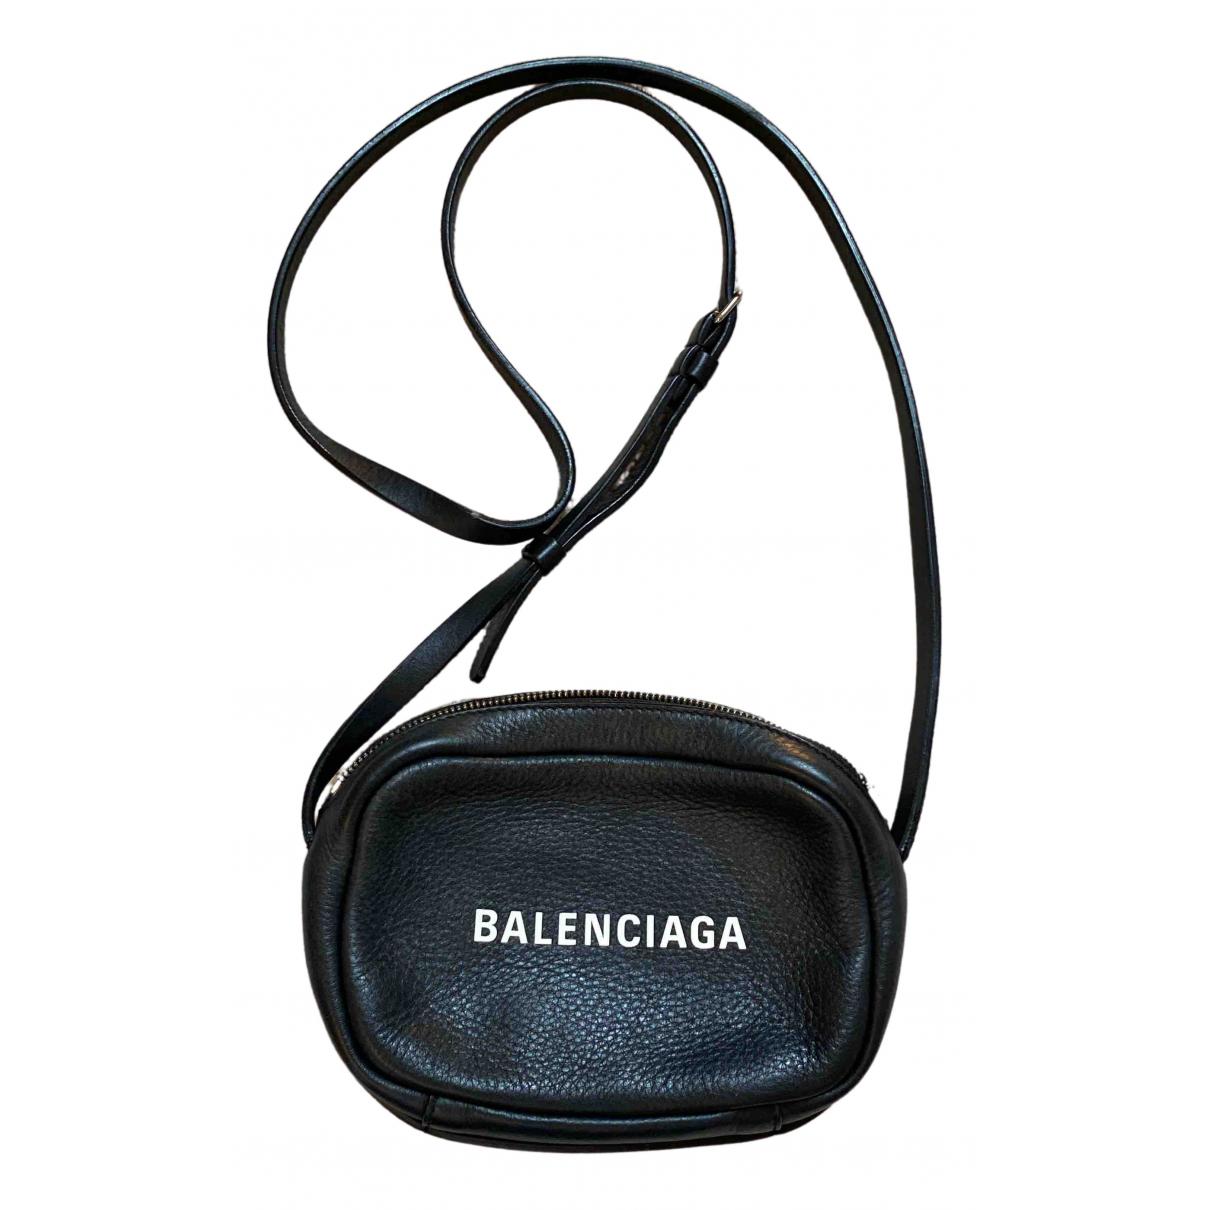 Balenciaga \N Black Leather handbag for Women \N